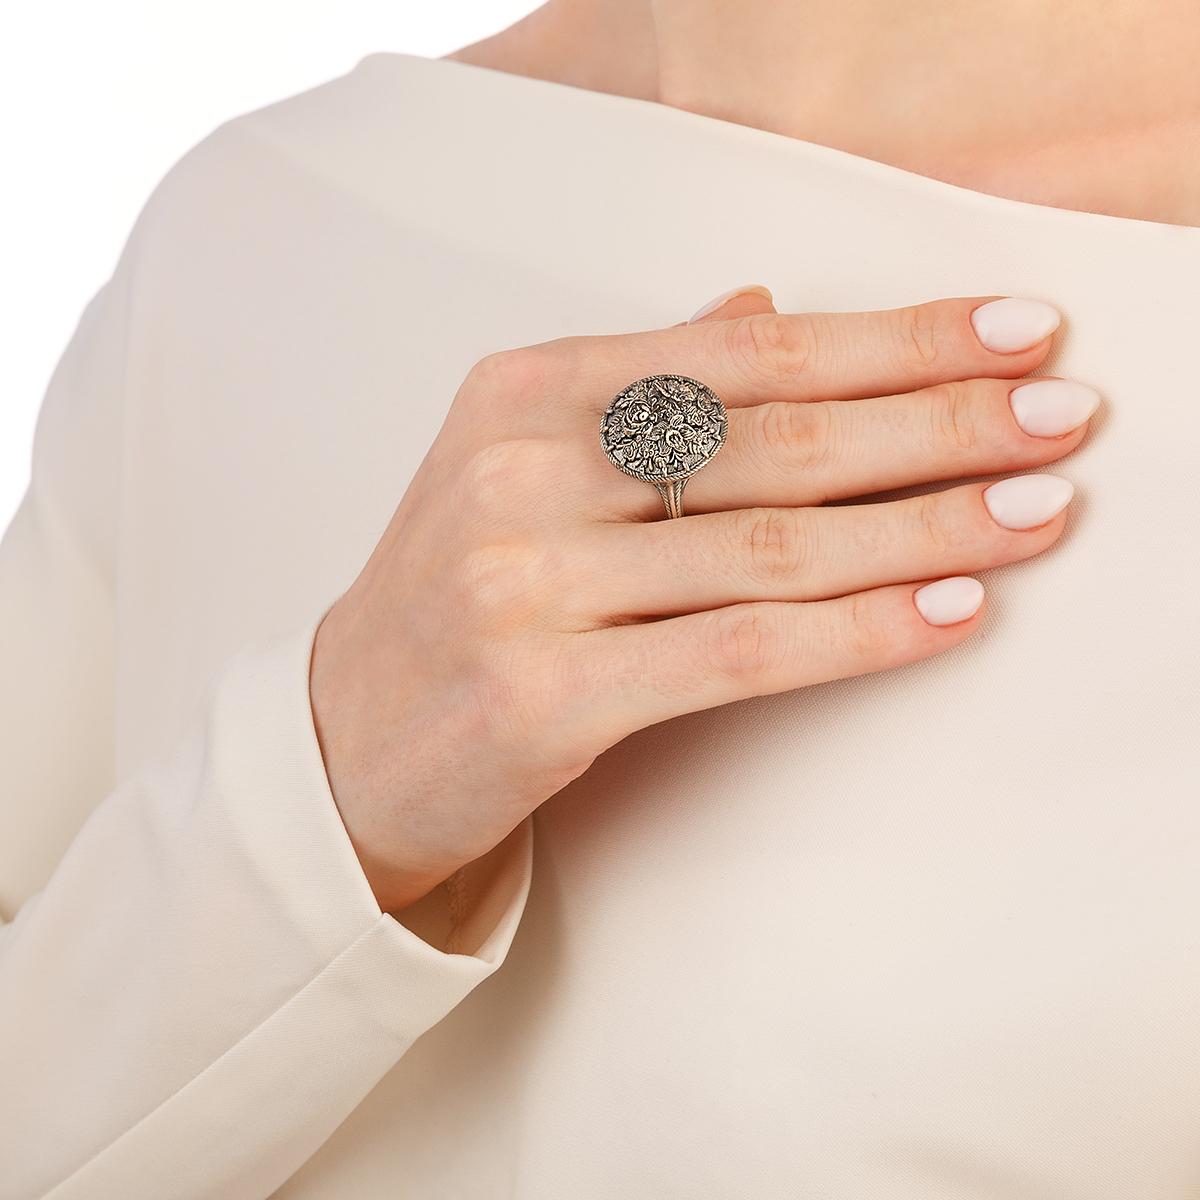 kolczo persten zhostovo 6.24 - Перстень из серебра «Жостово»